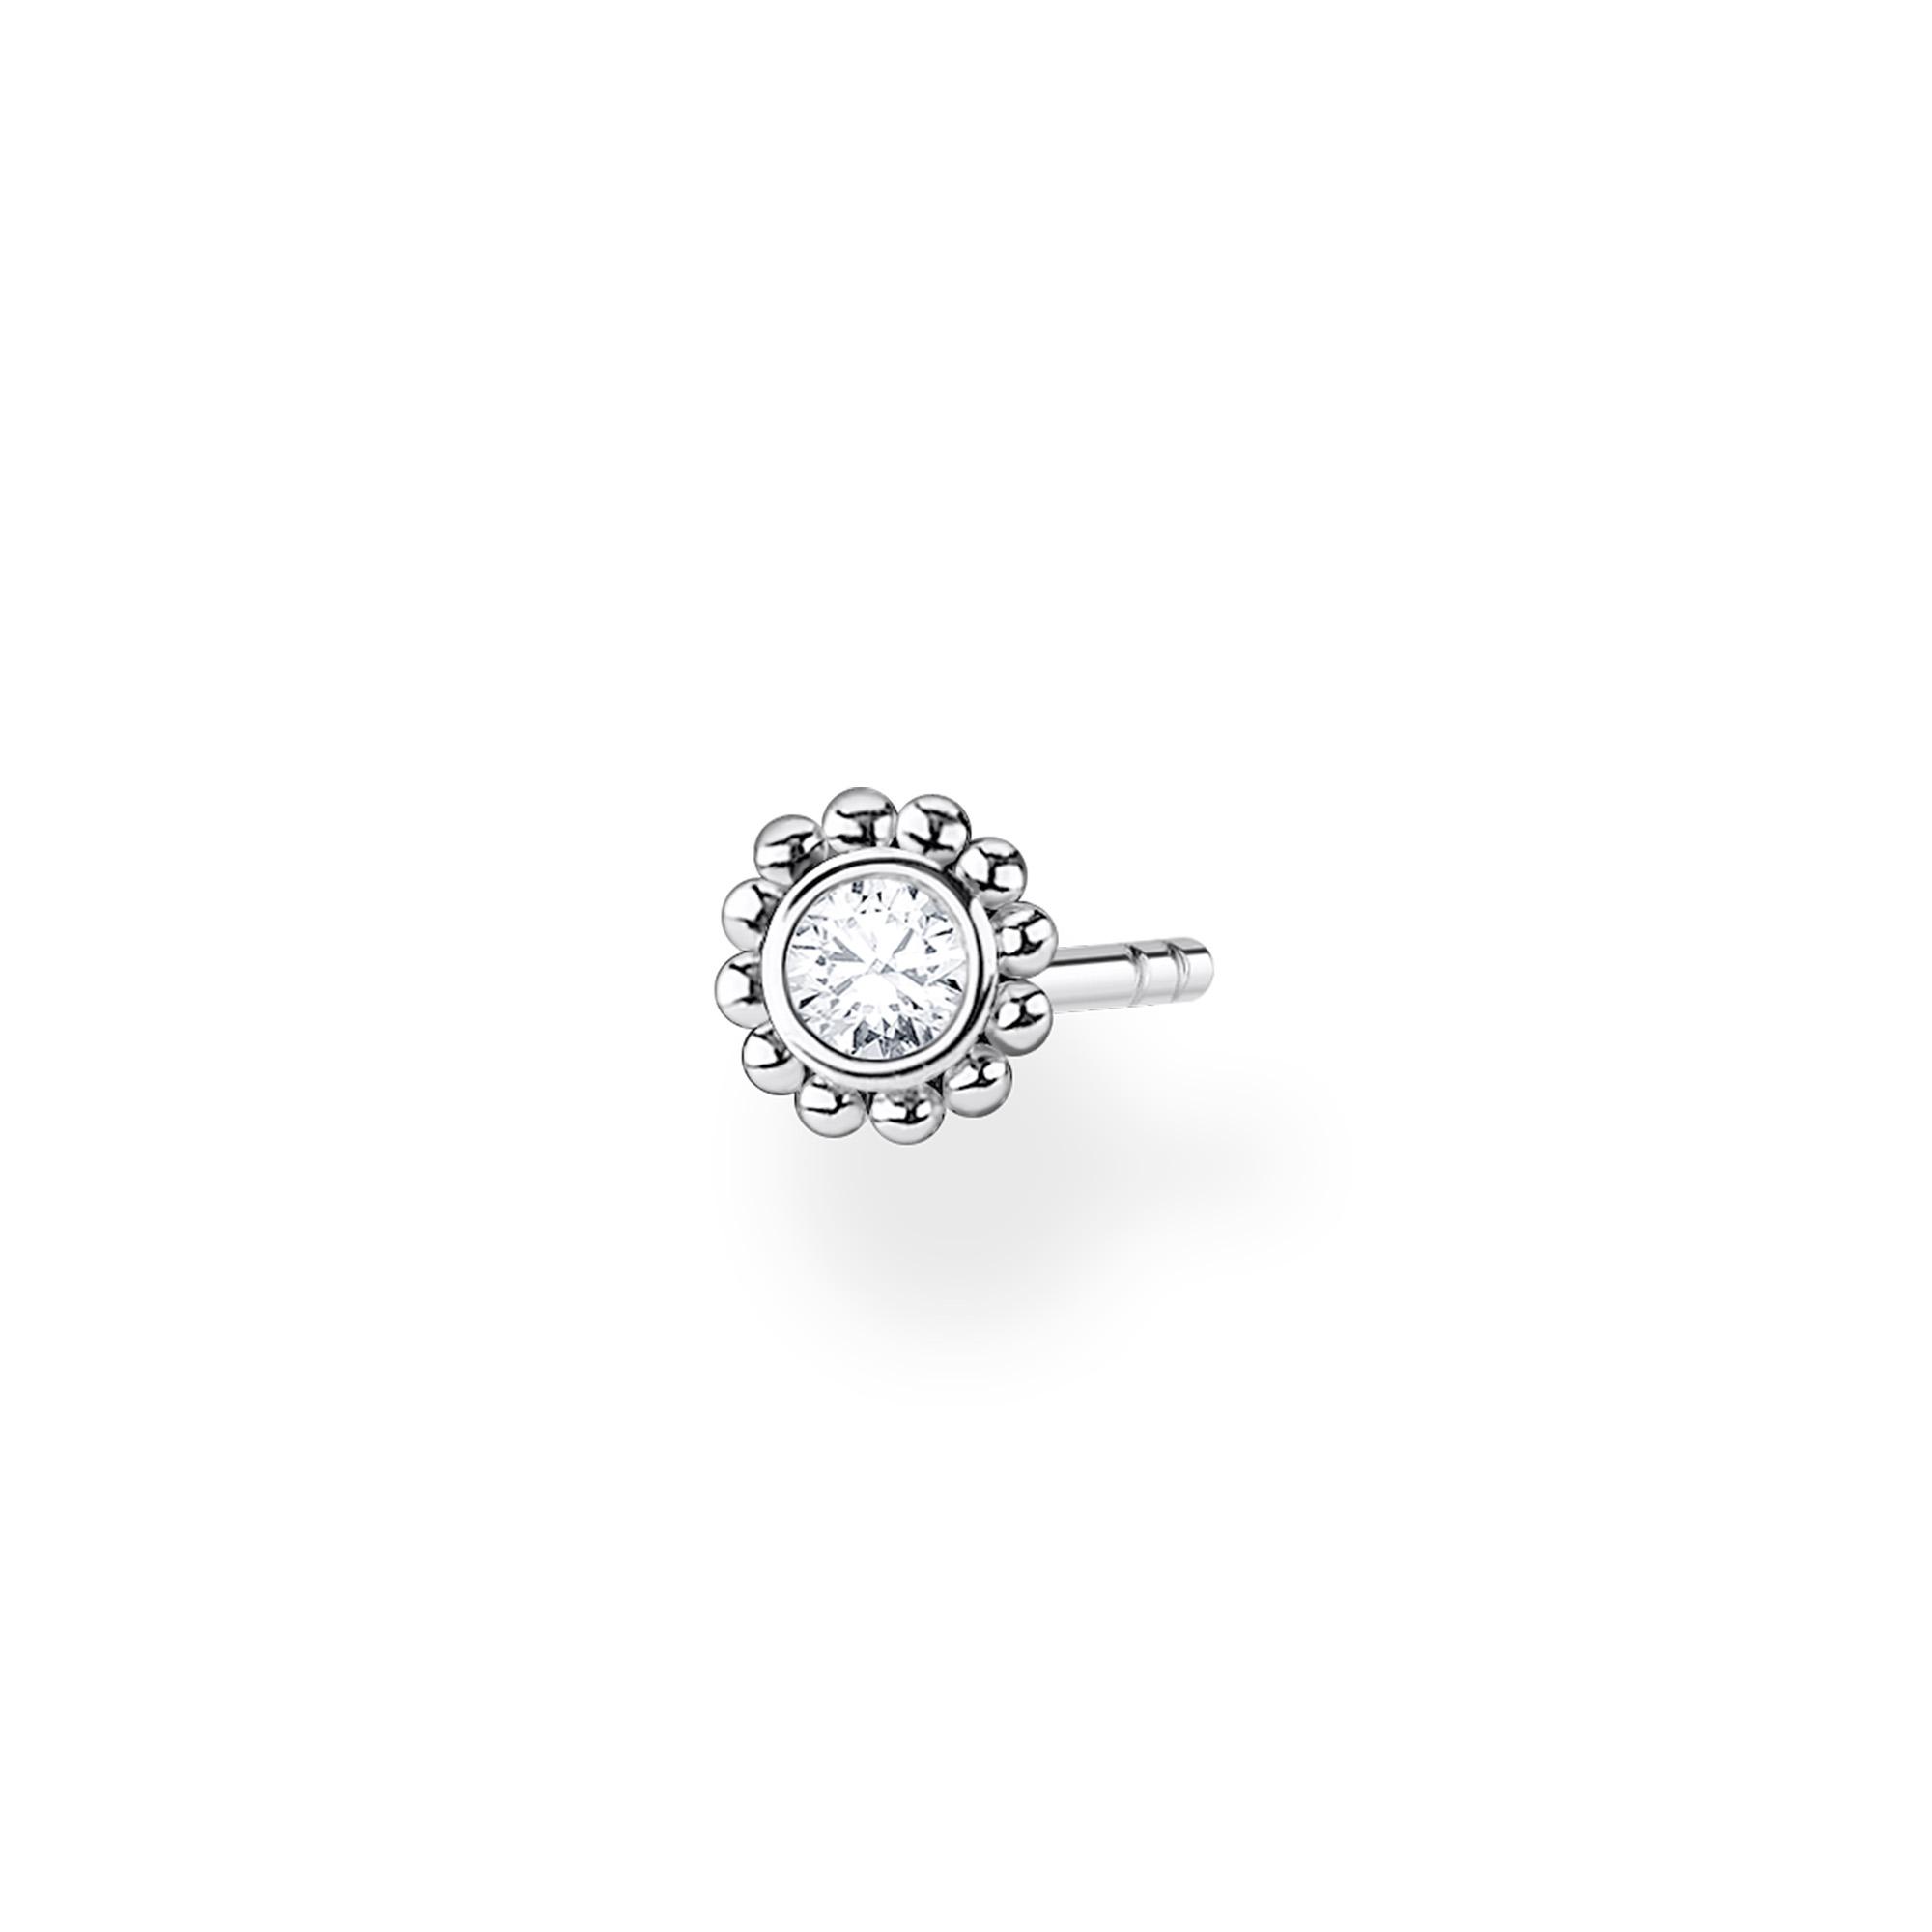 Clou d'oreille unique fleur pierre blanche argent, Thomas Sabo